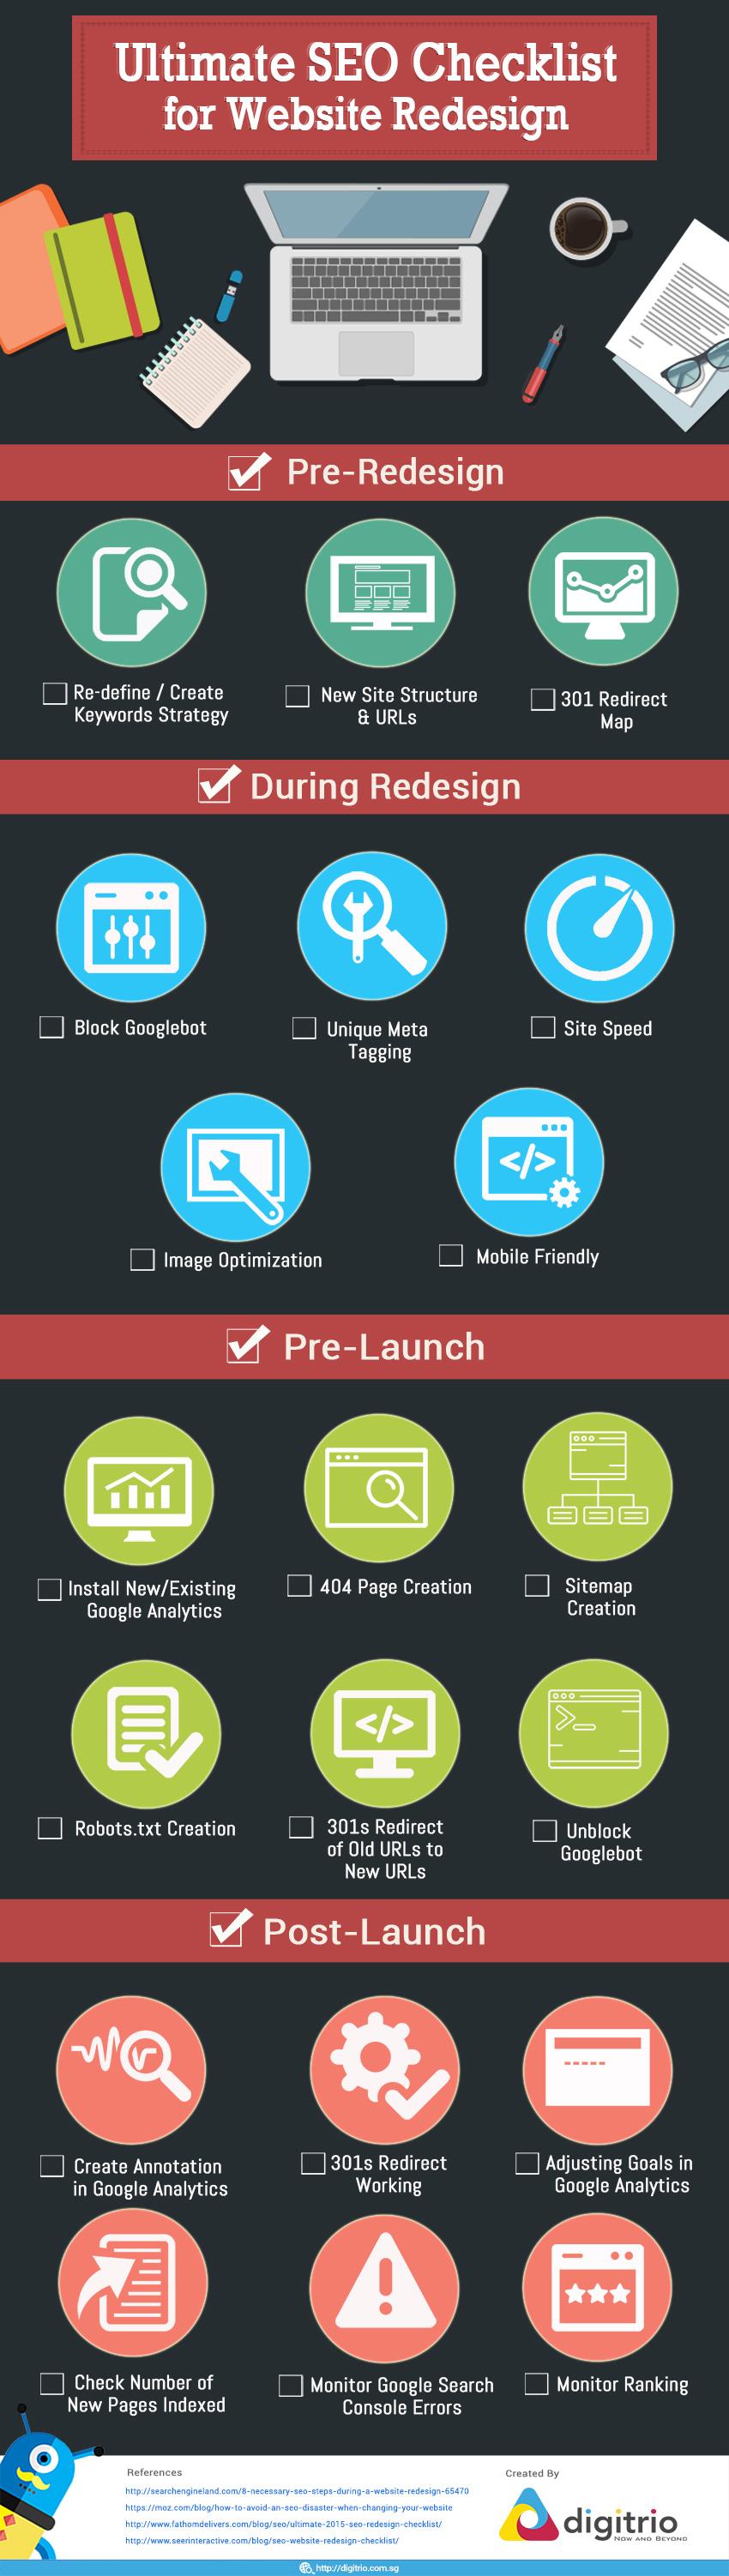 SEO Site Redesign Checklist